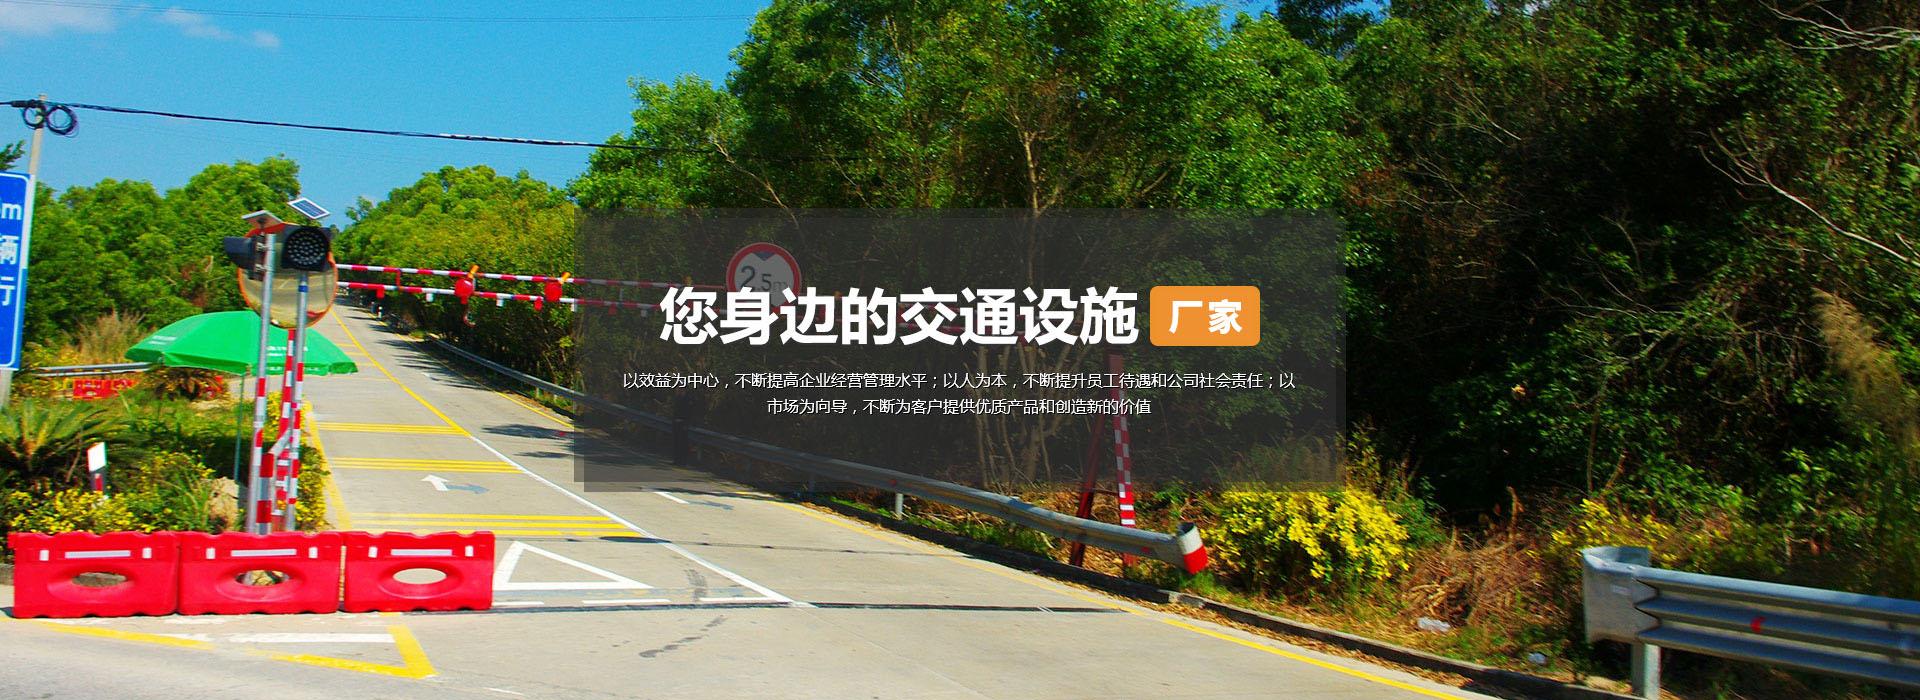 重庆道路标示牌